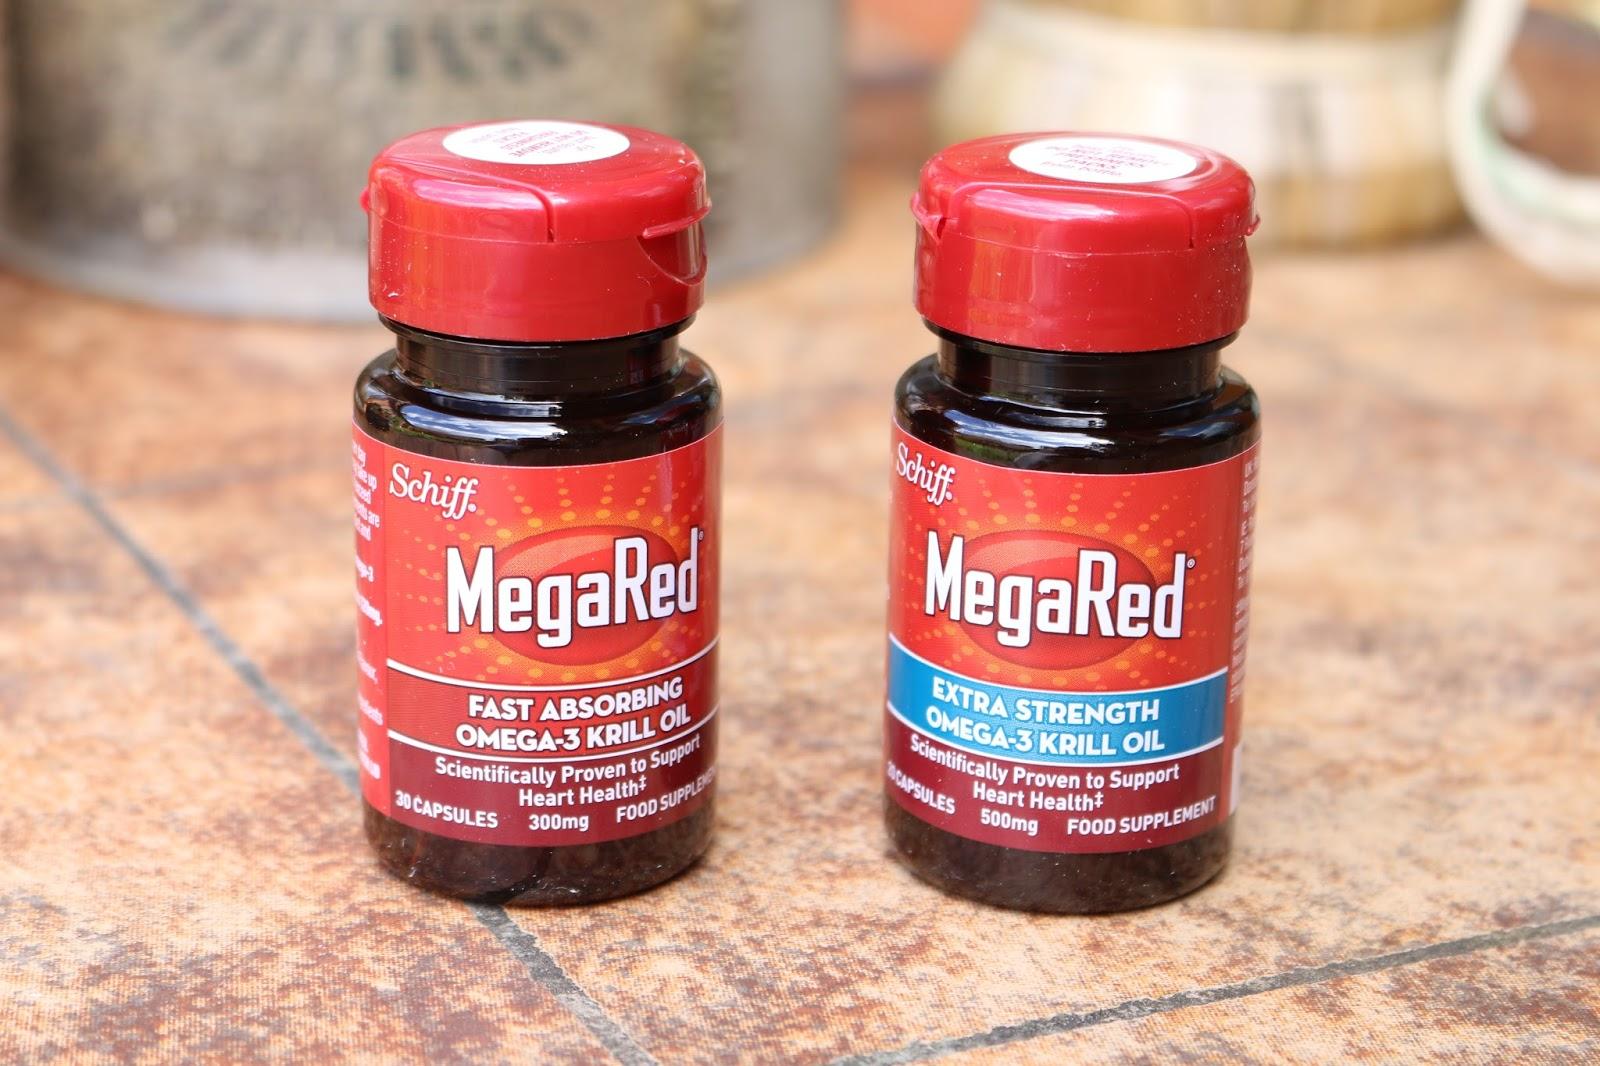 MegaRed omega 3